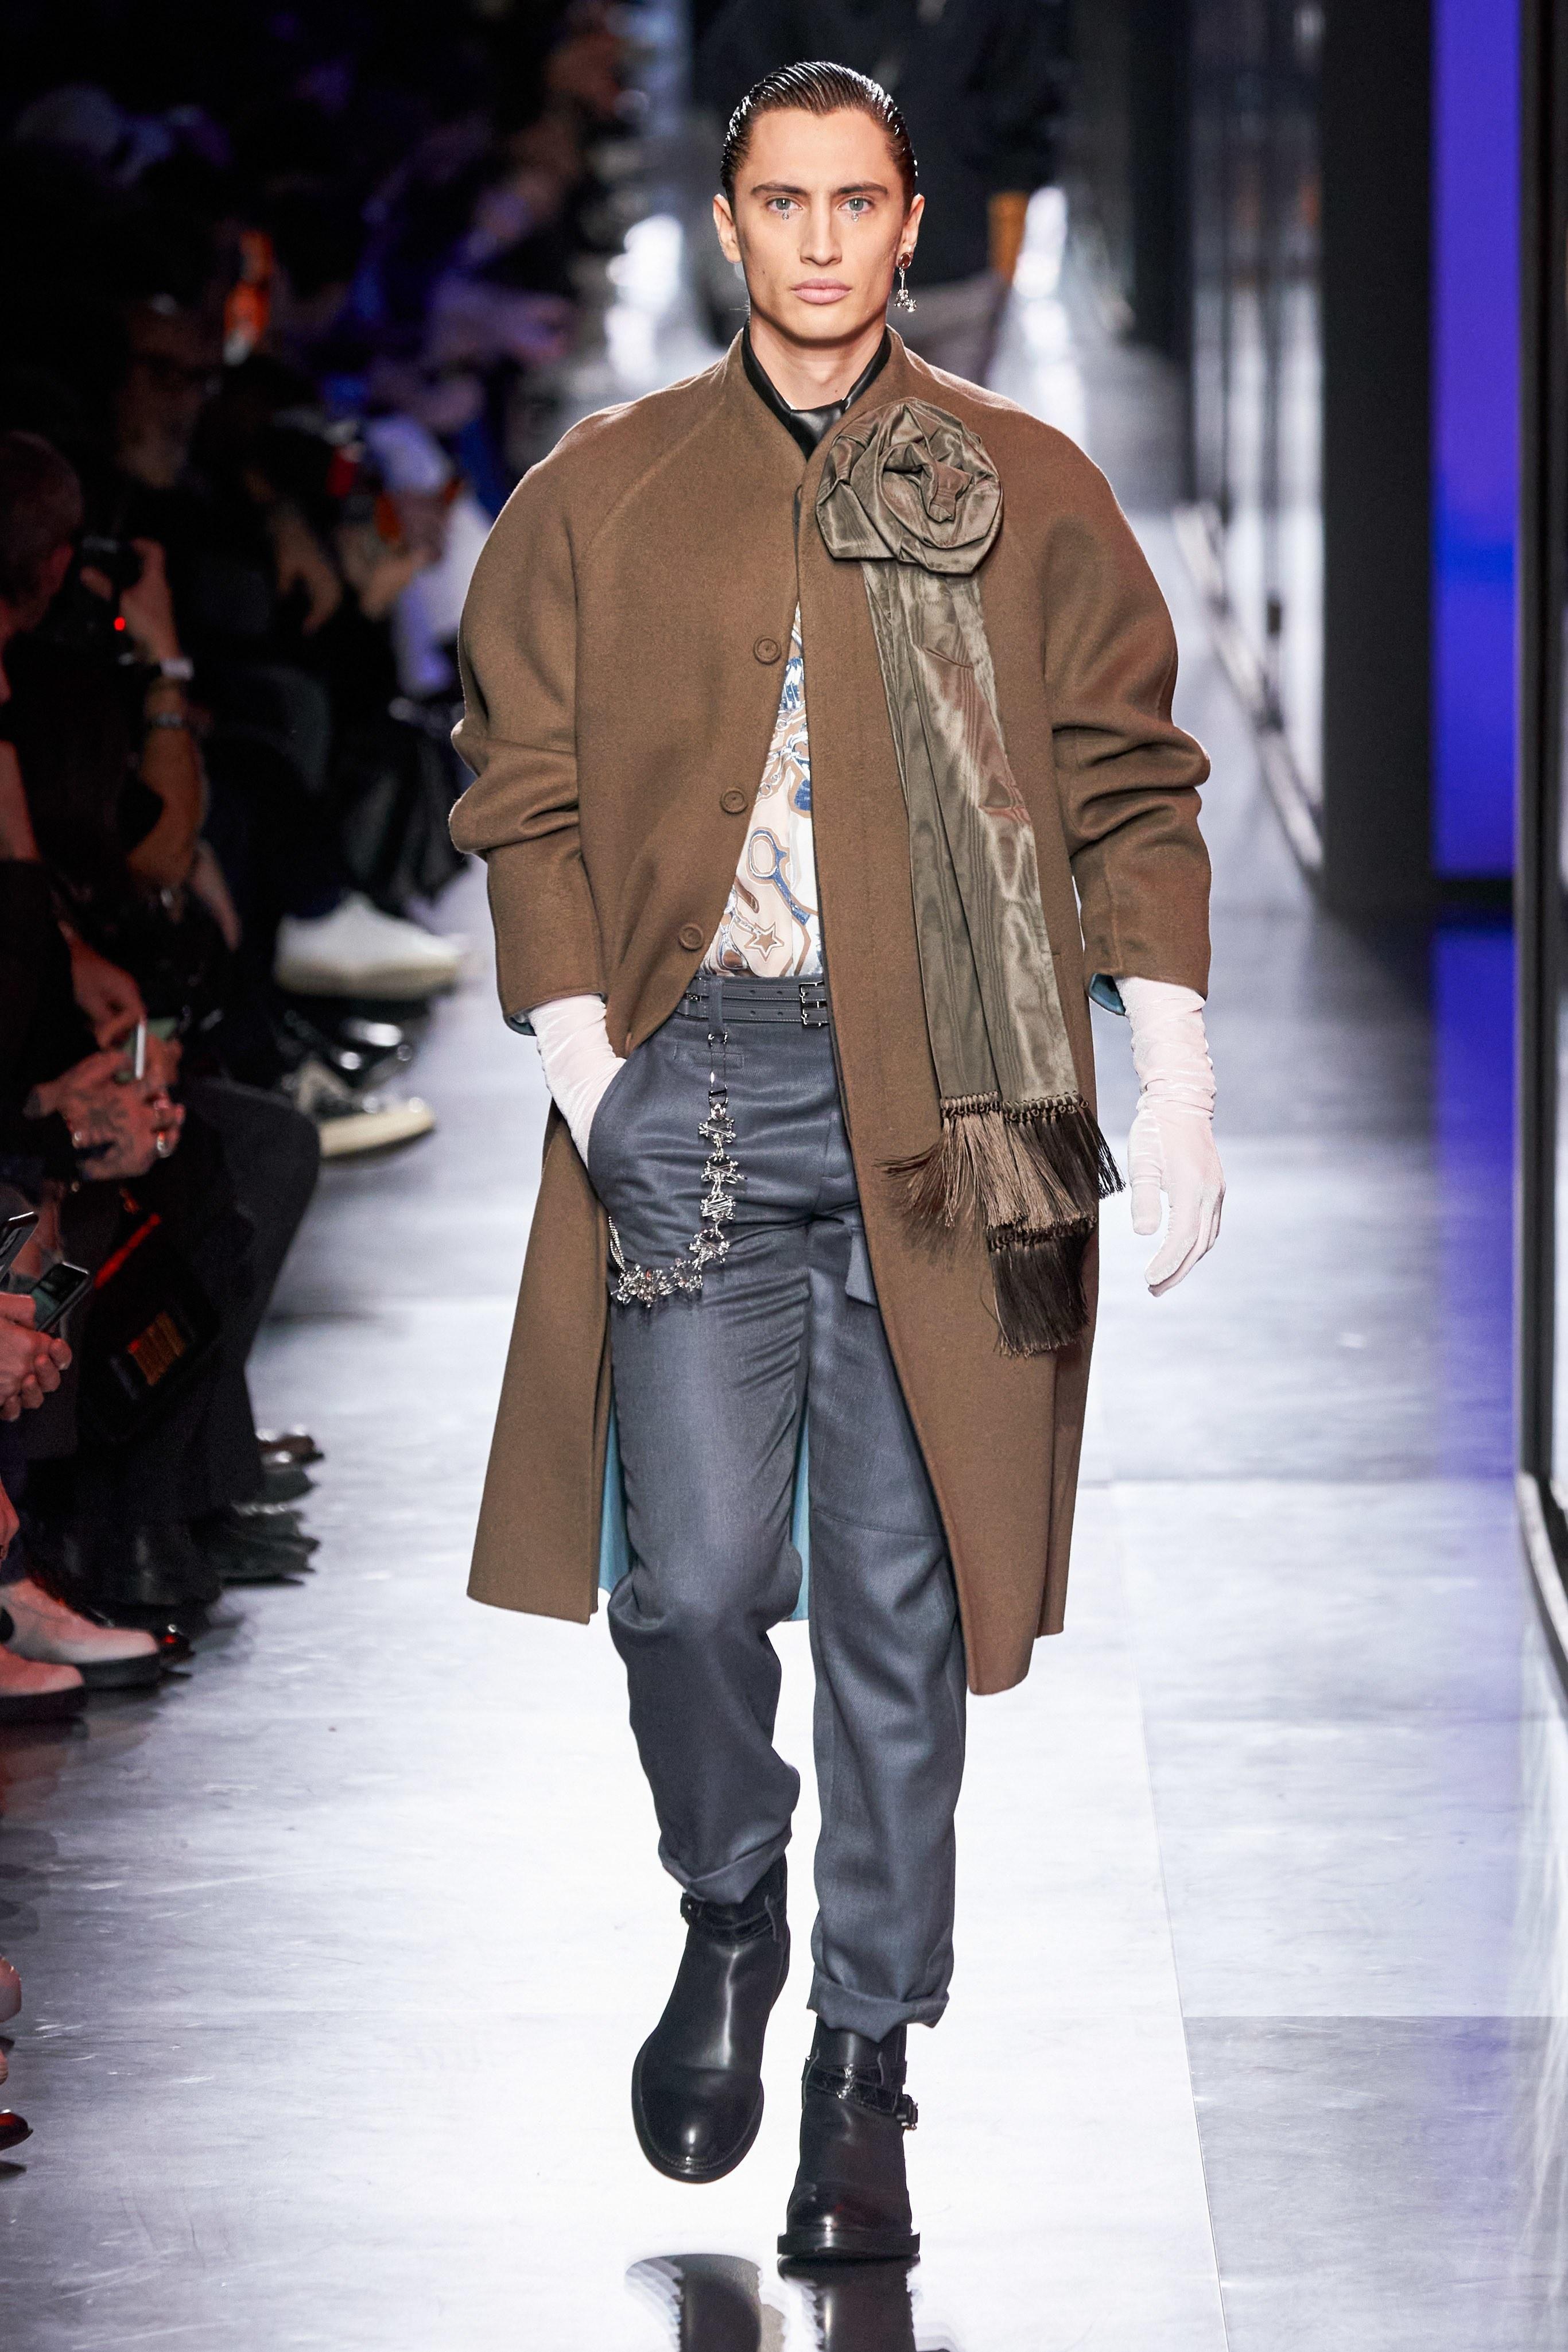 Áo khoác hoa, găng tay dài - Dior nâng thời trang nam lên tầm cao mới Ảnh 15